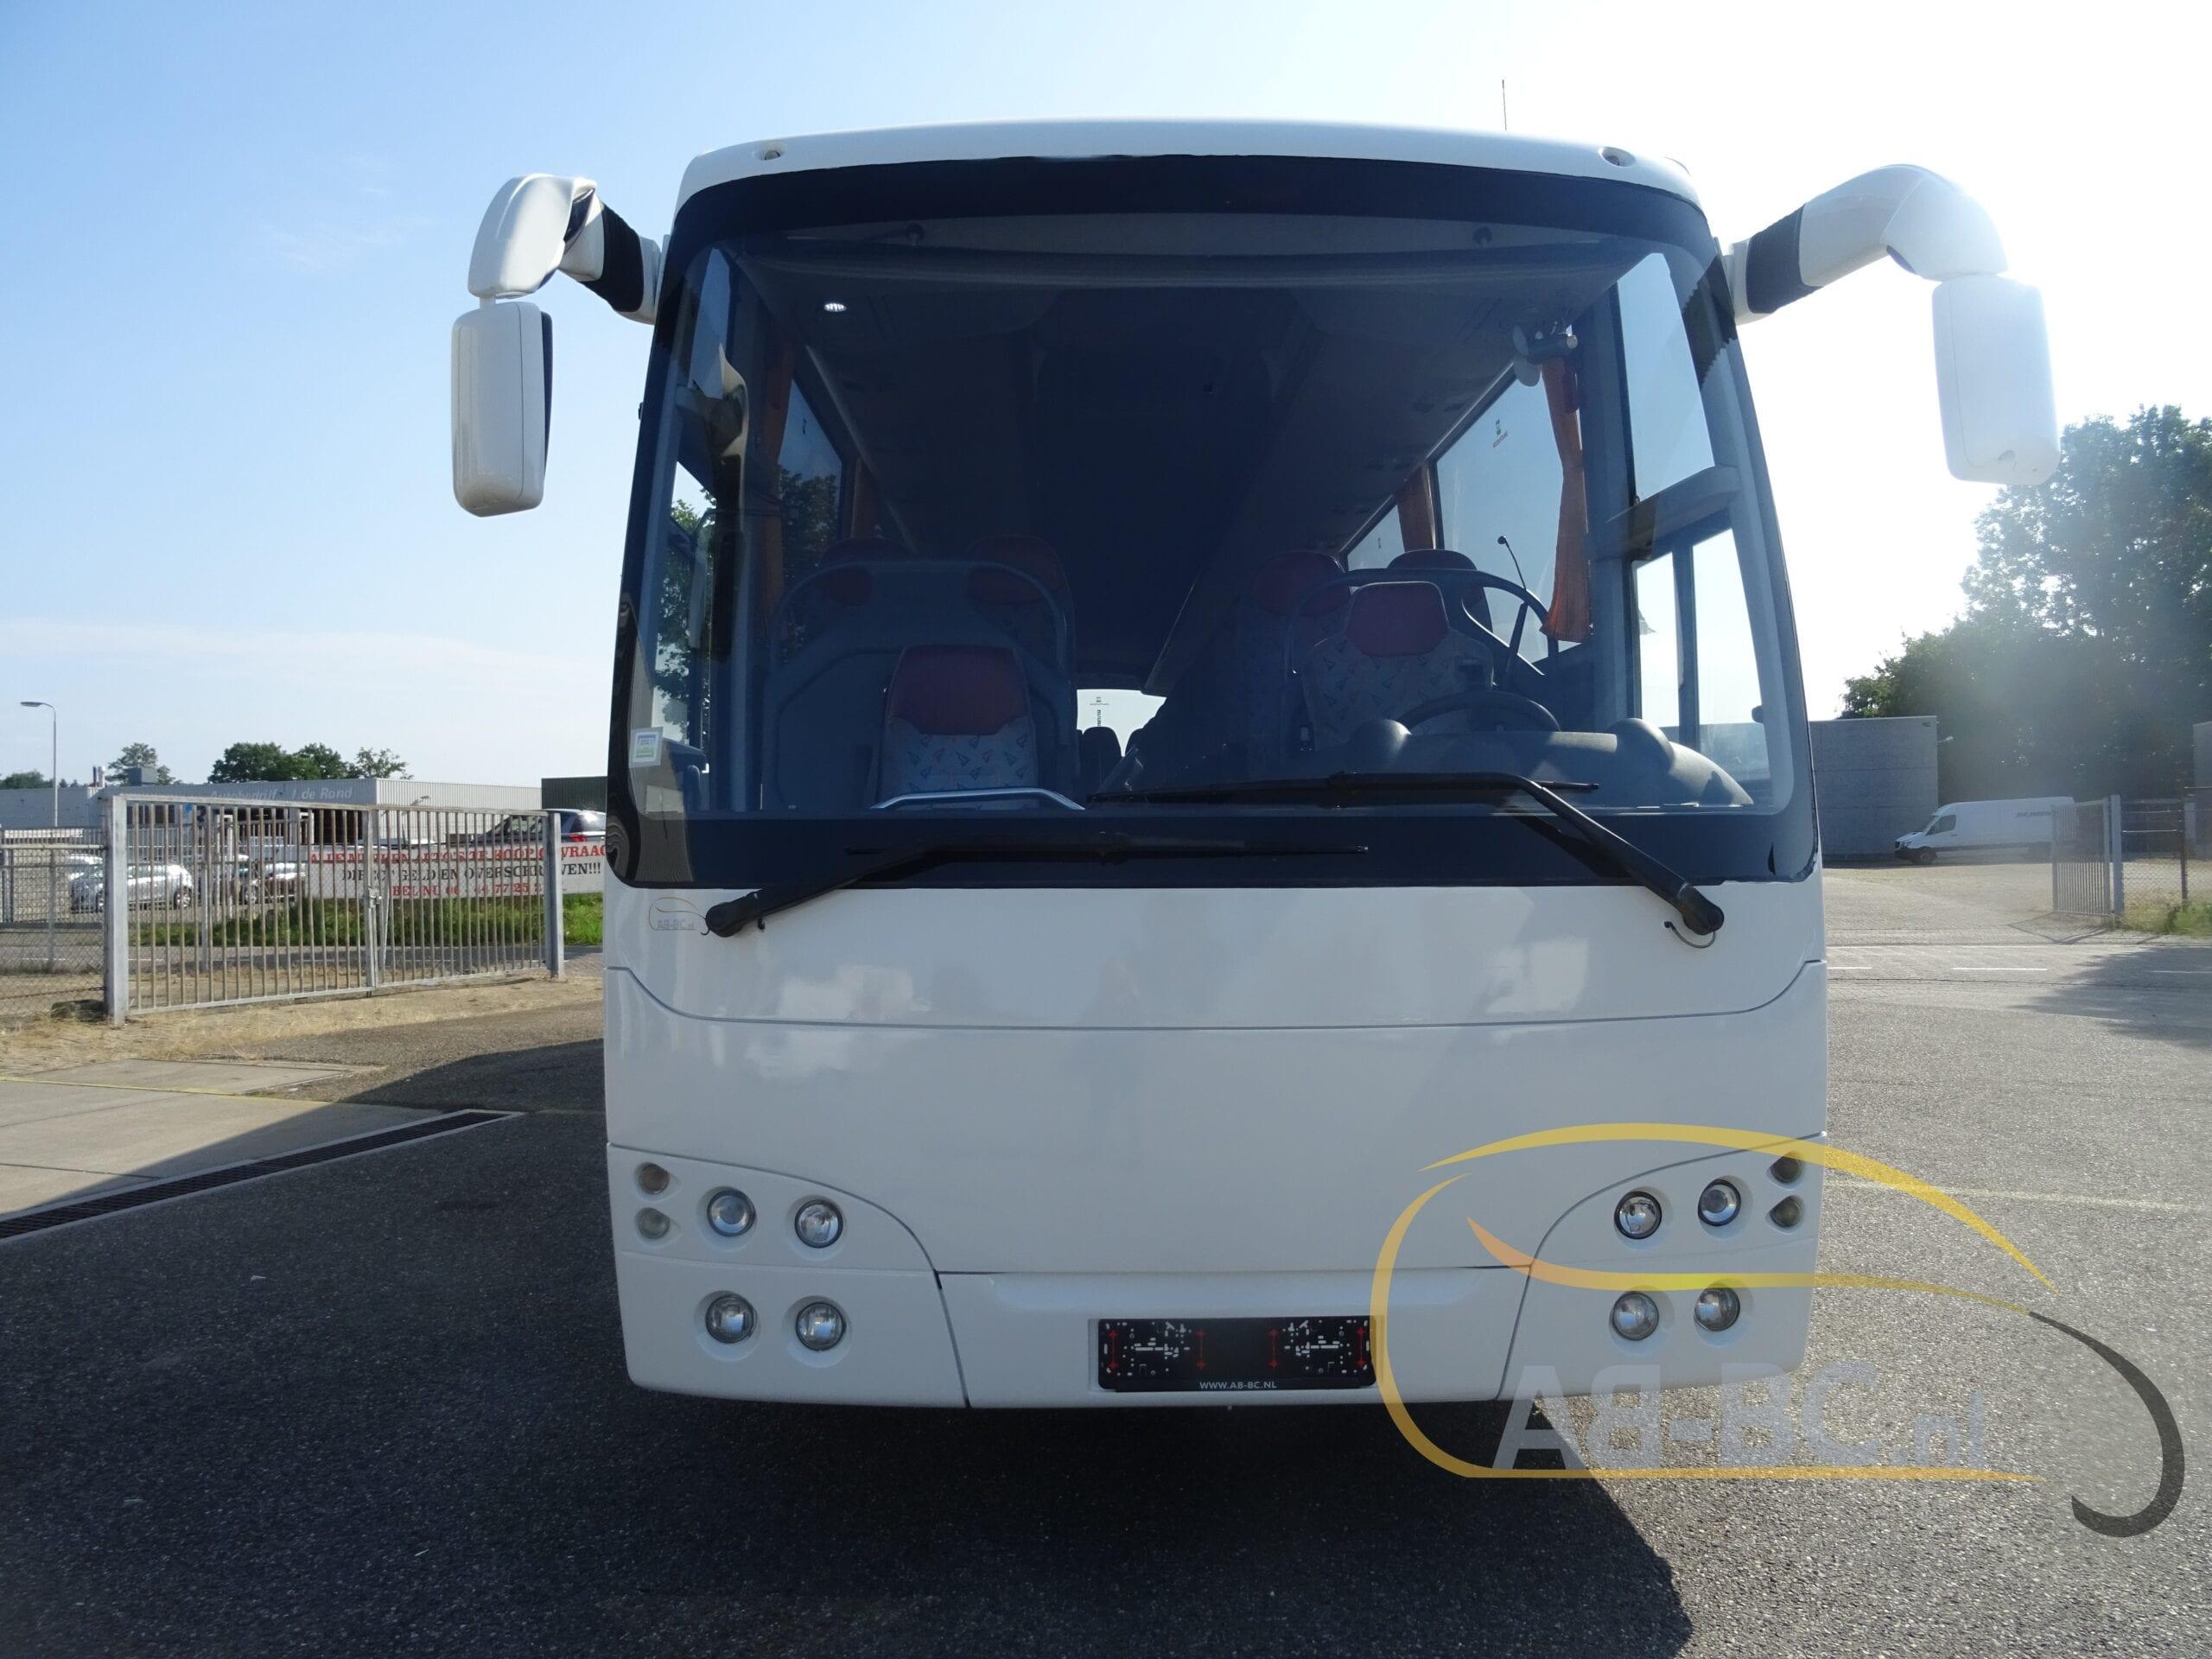 1-JUV-172 06